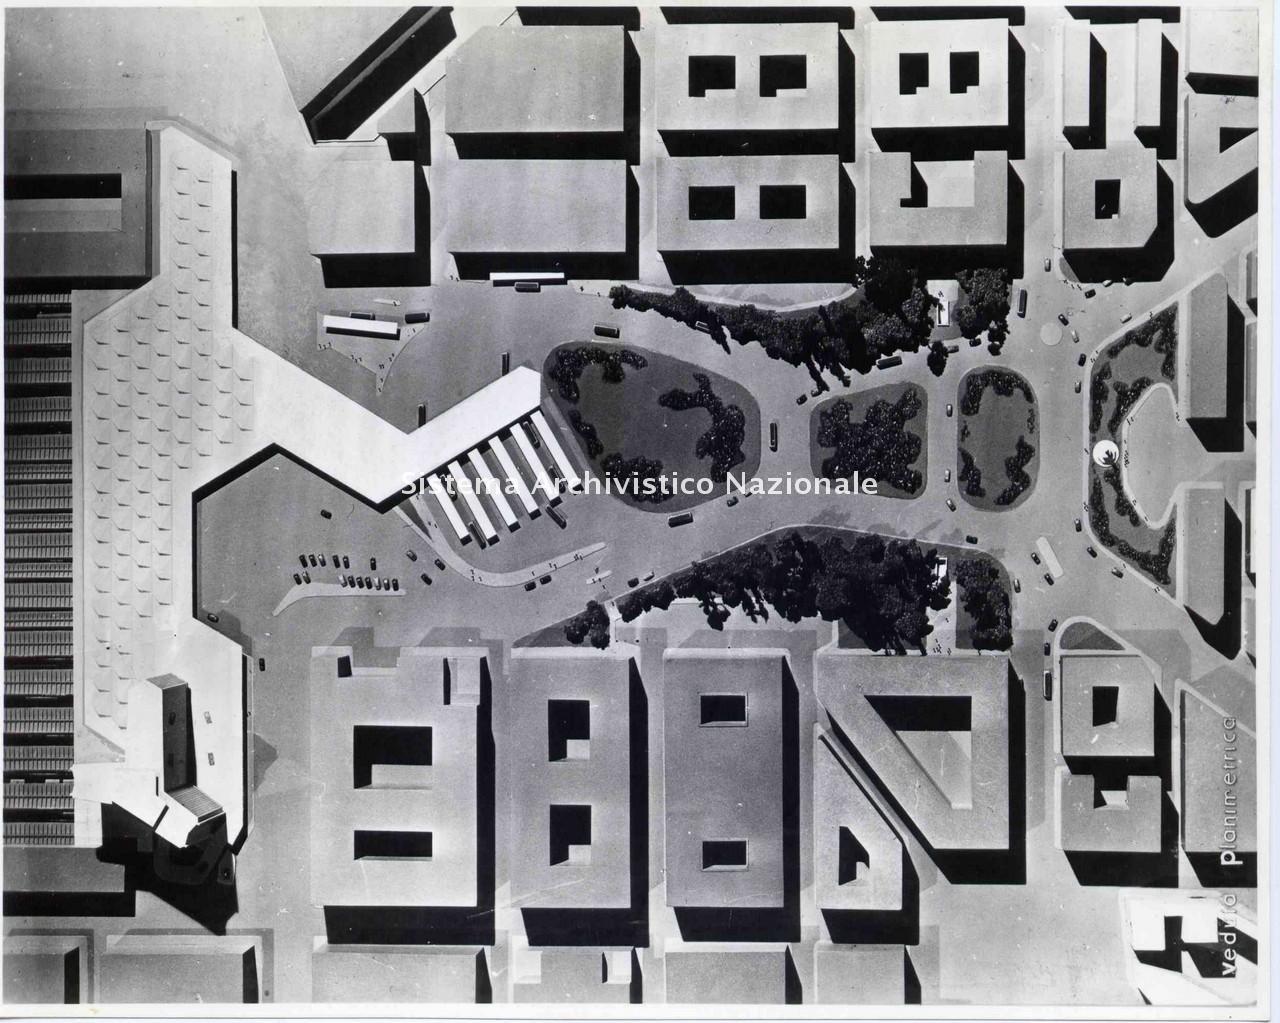 Bruno Zevi, Progetto per la nuova stazione di Napoli centrale, 1954